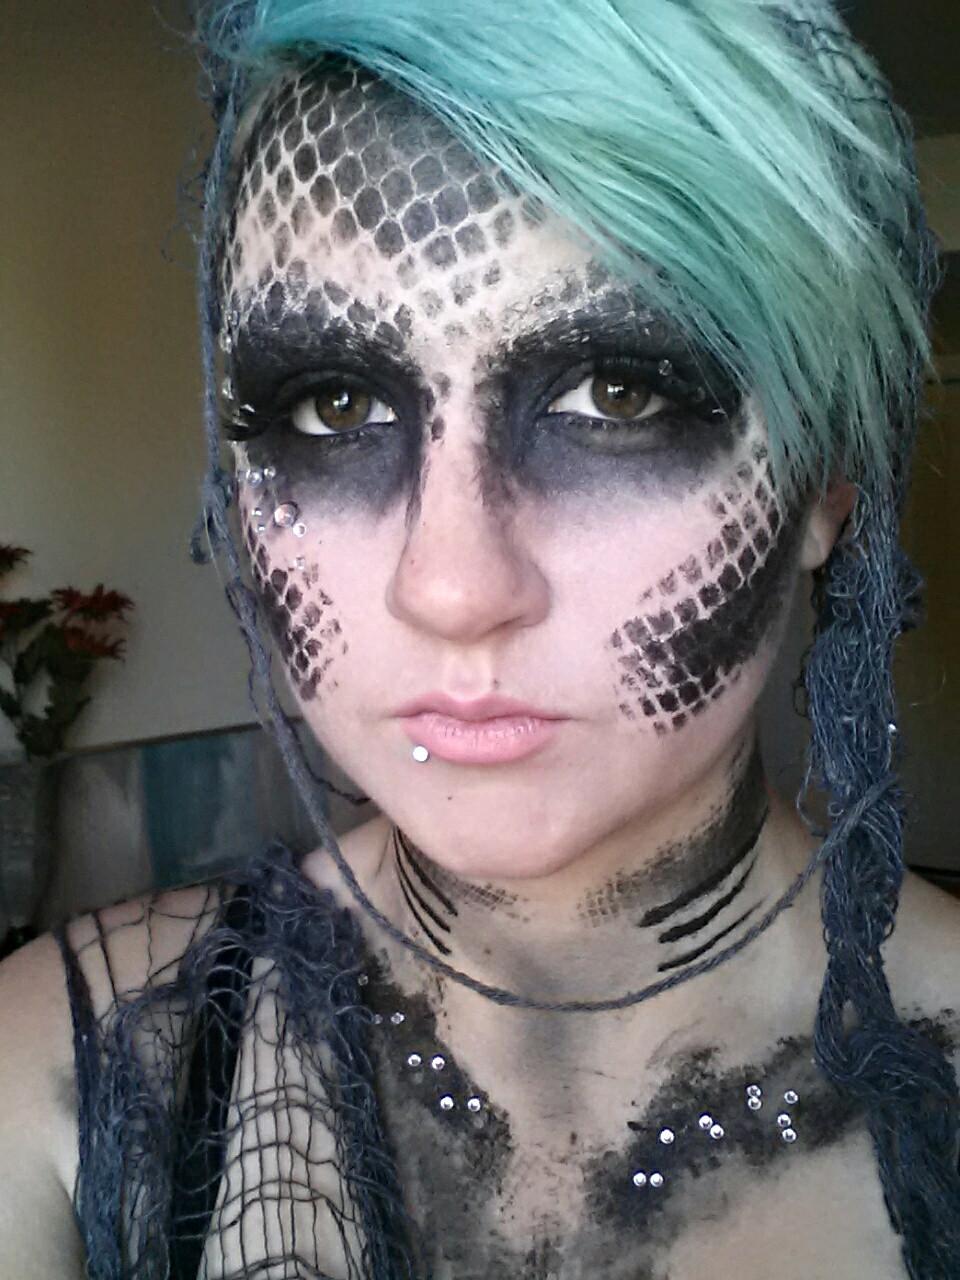 Mermaid Makeup (With images) Little mermaid makeup